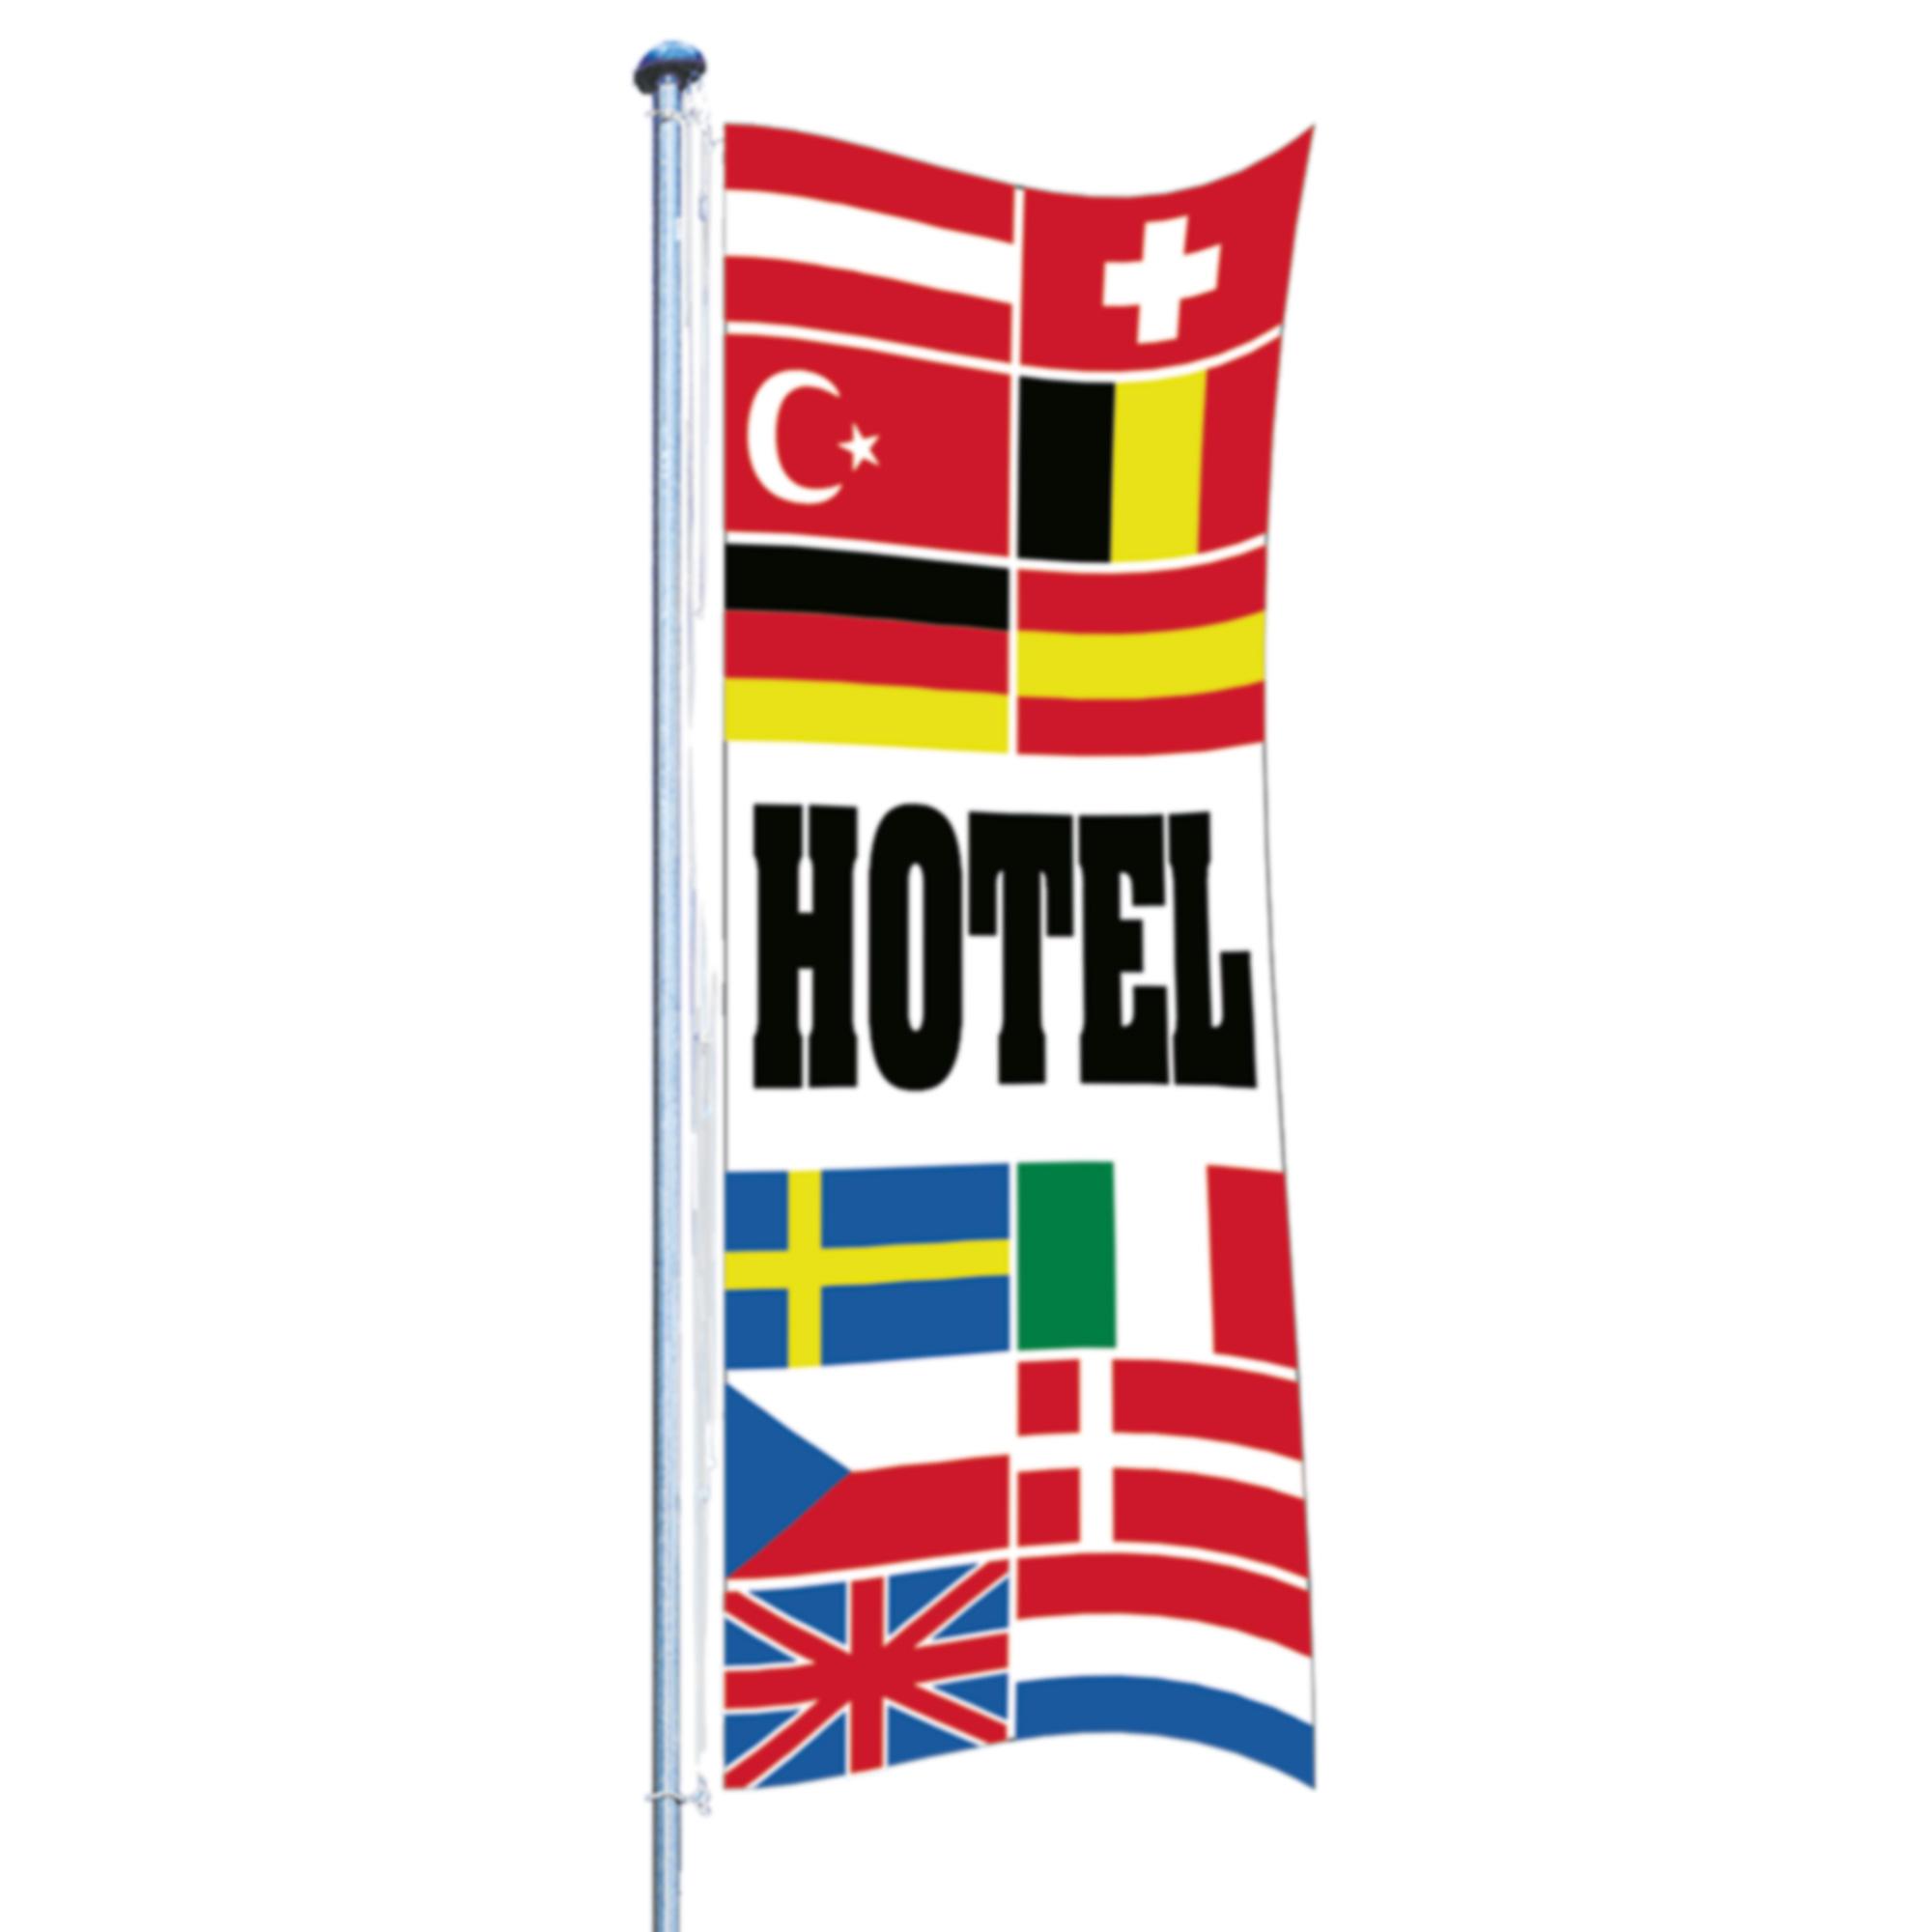 """Europafahne mit """"Hotel"""""""